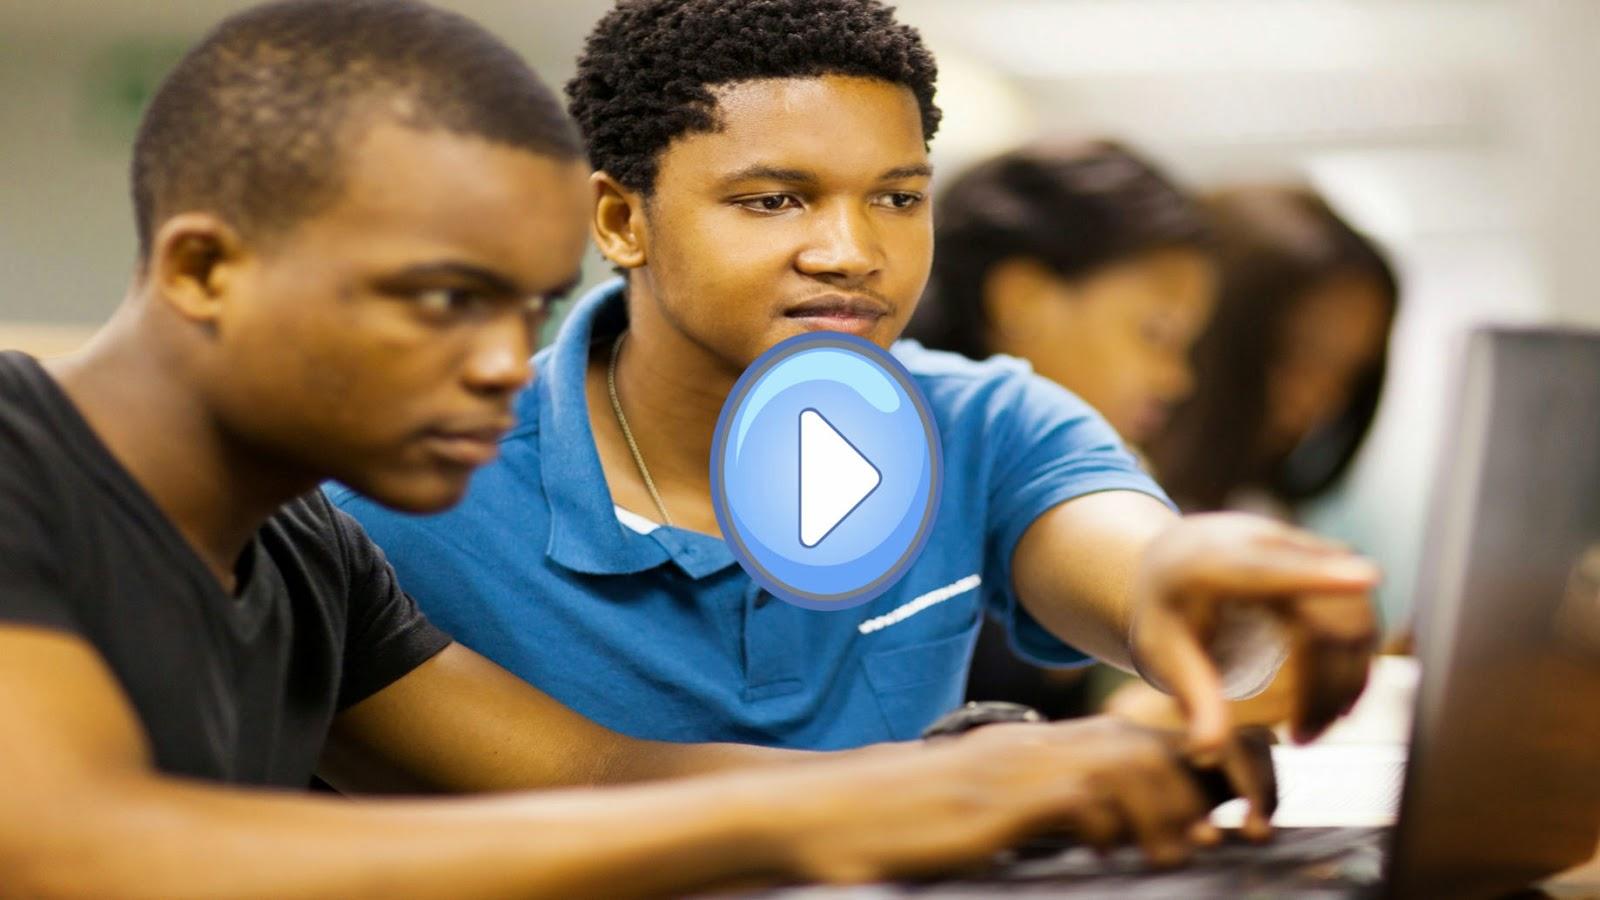 Idea 20 de 1000 ideas de tesis: ¿Cómo evaluar los programas de Entrenamientos en Matemáticas?